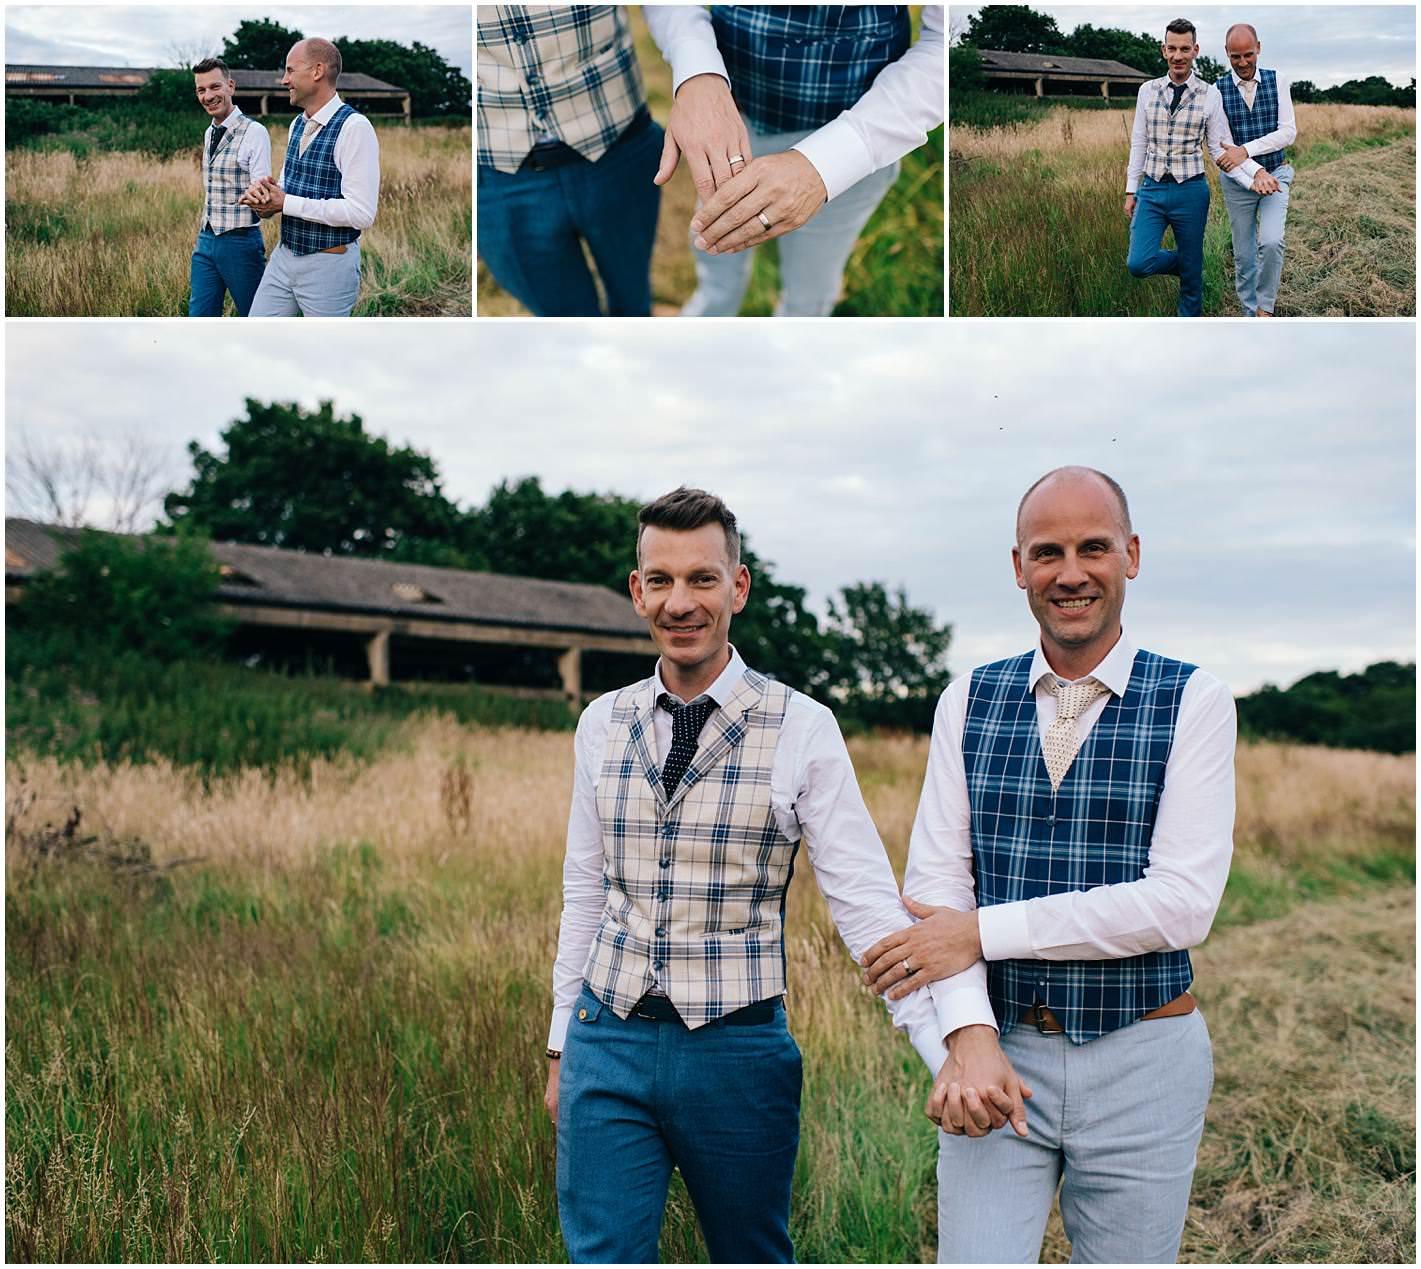 coldharbour-farm-wedding256